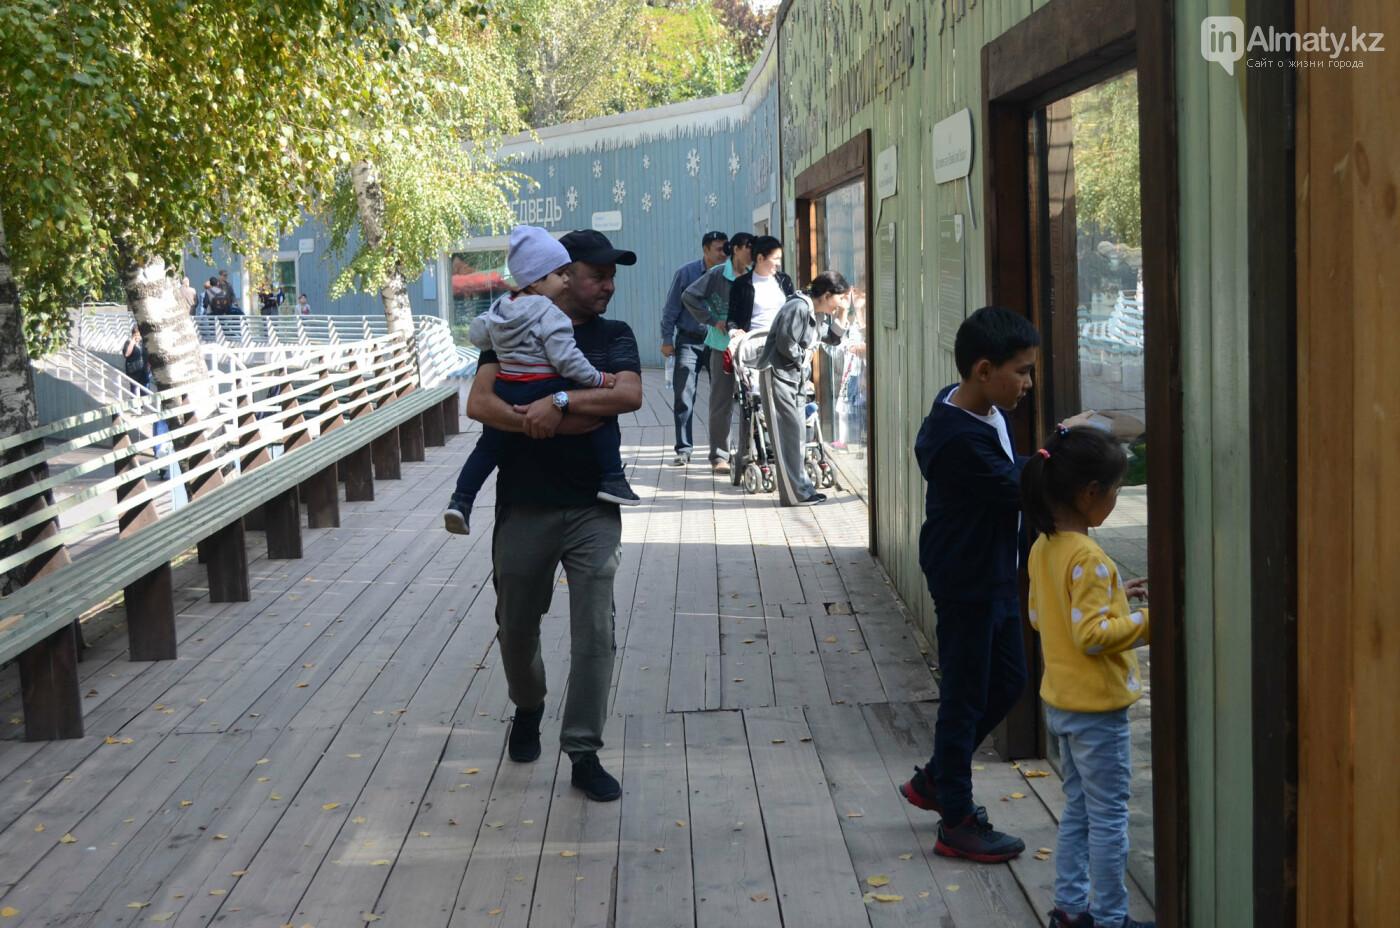 Медведь Акжолтай обрел новый дом в алматинском зоопарке (фото), фото-6